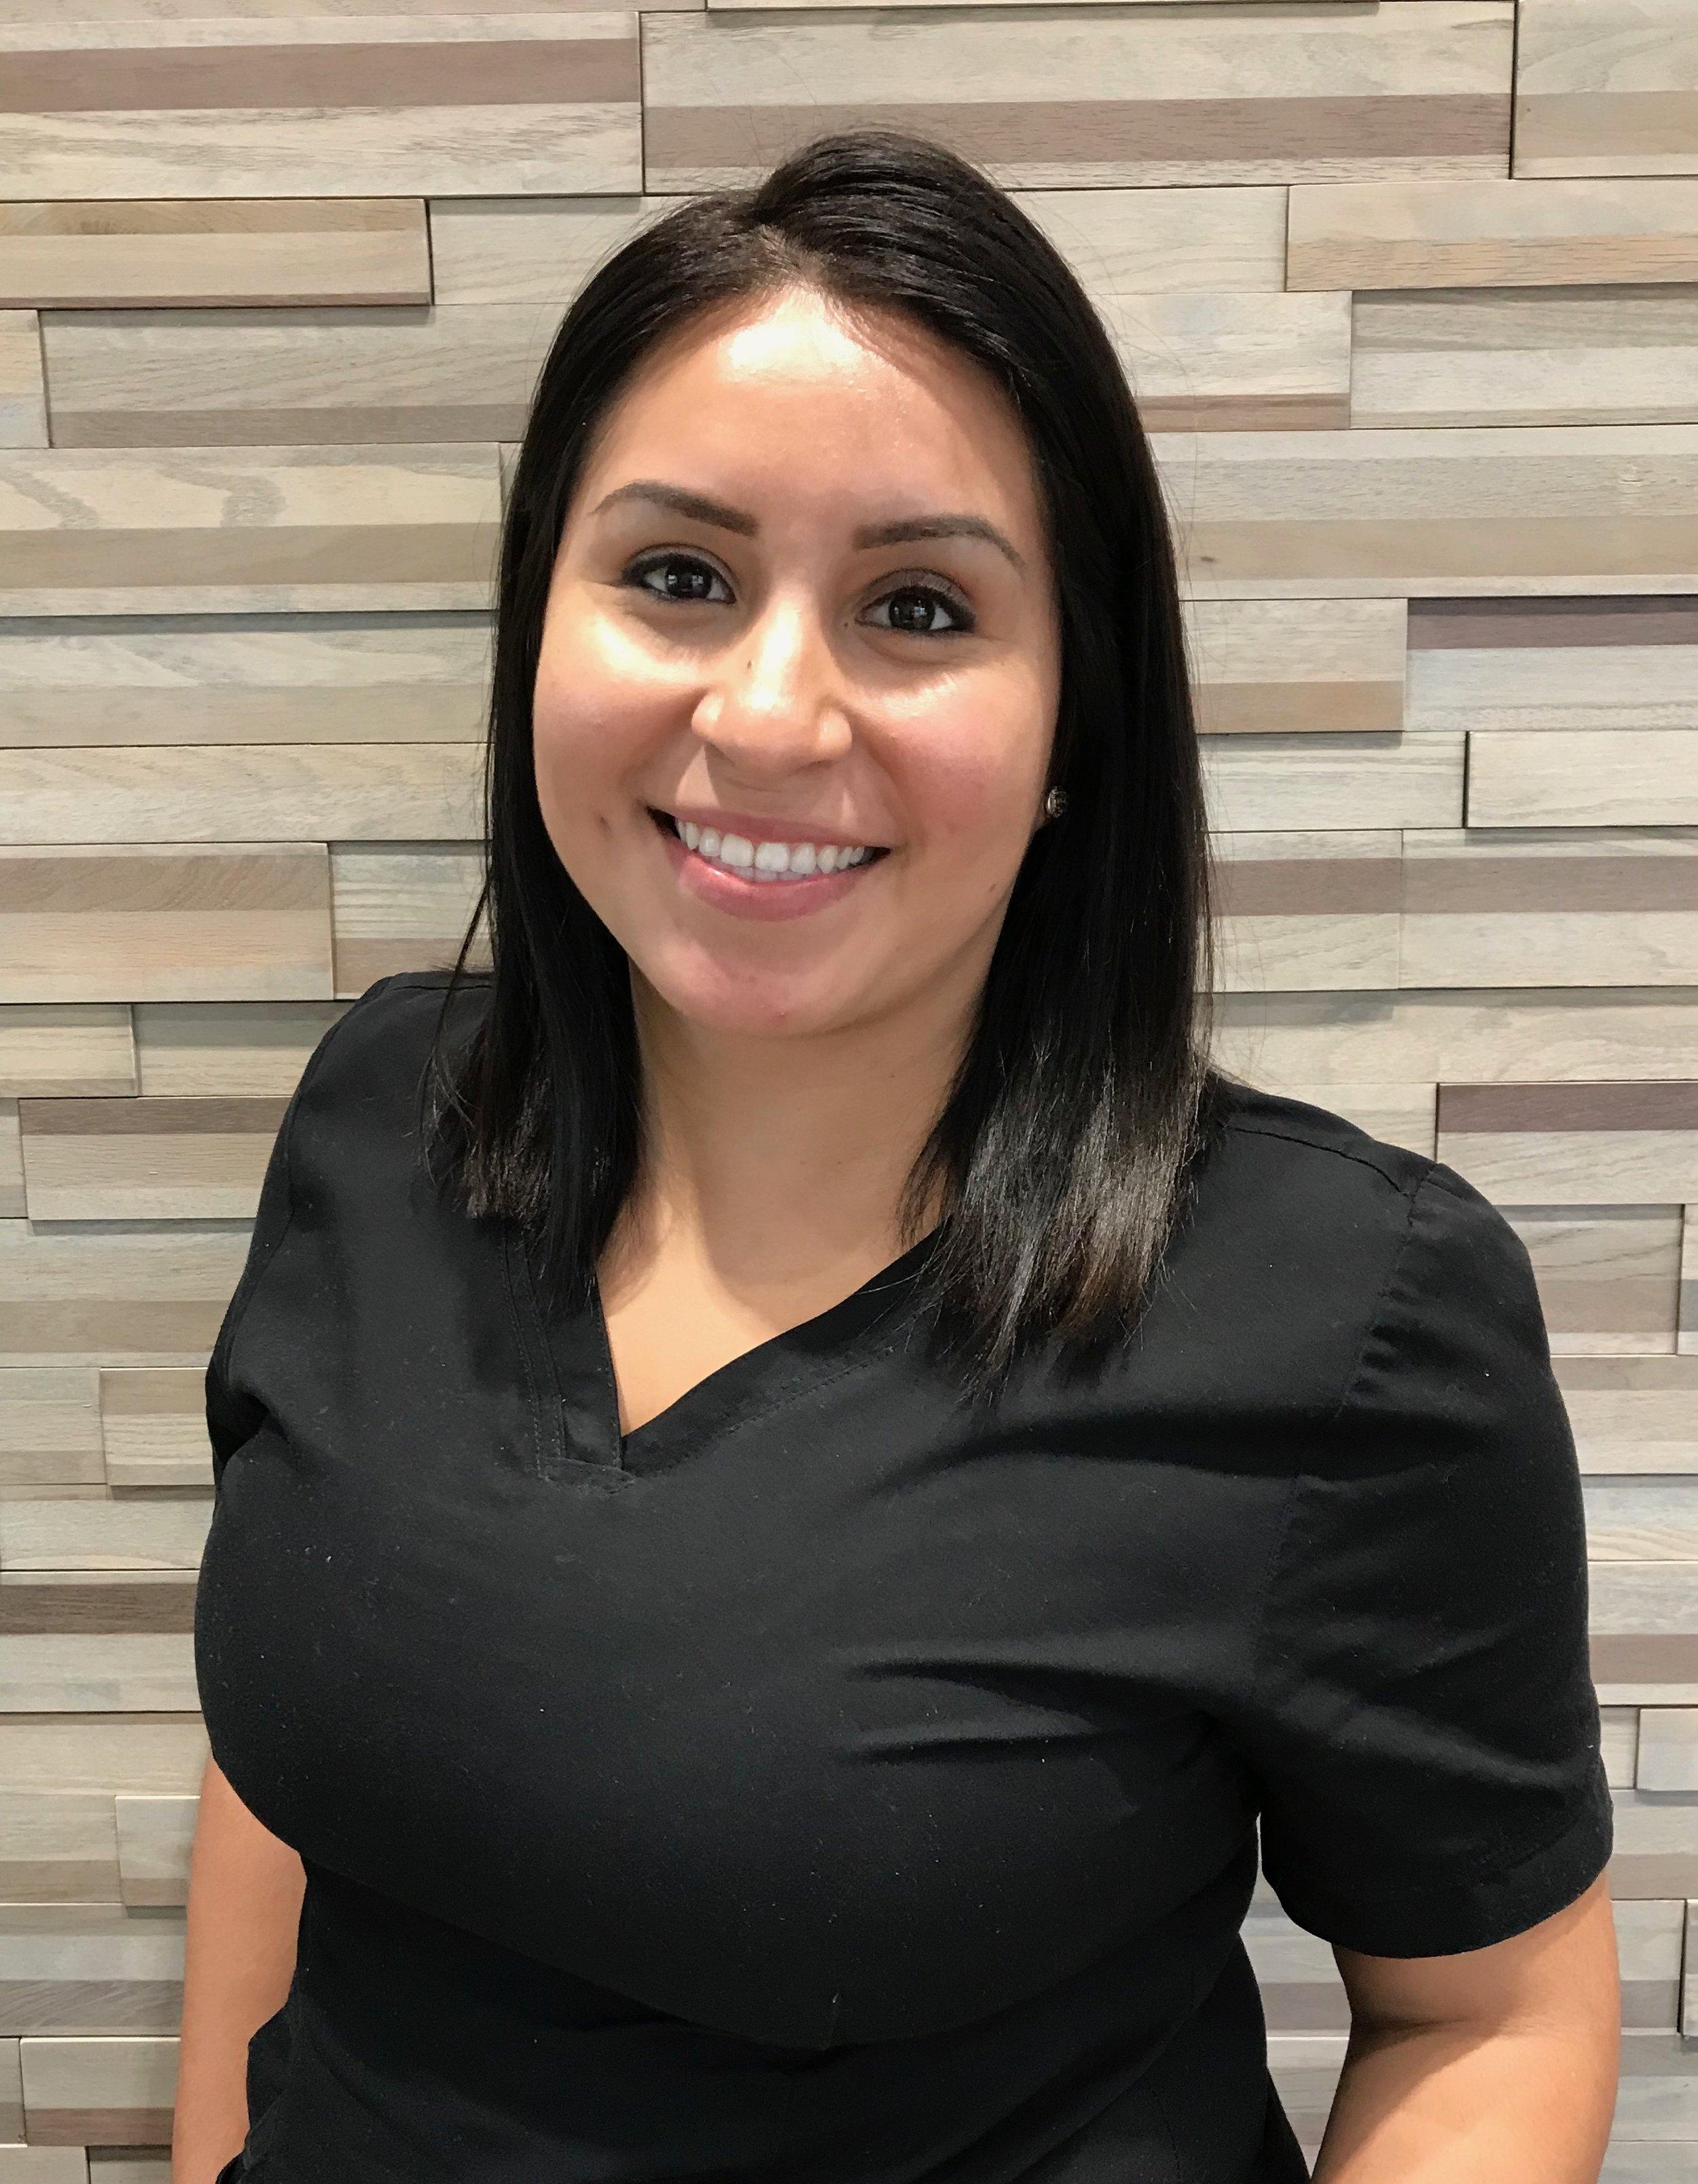 Francisca Zuniga, Dental Assistant